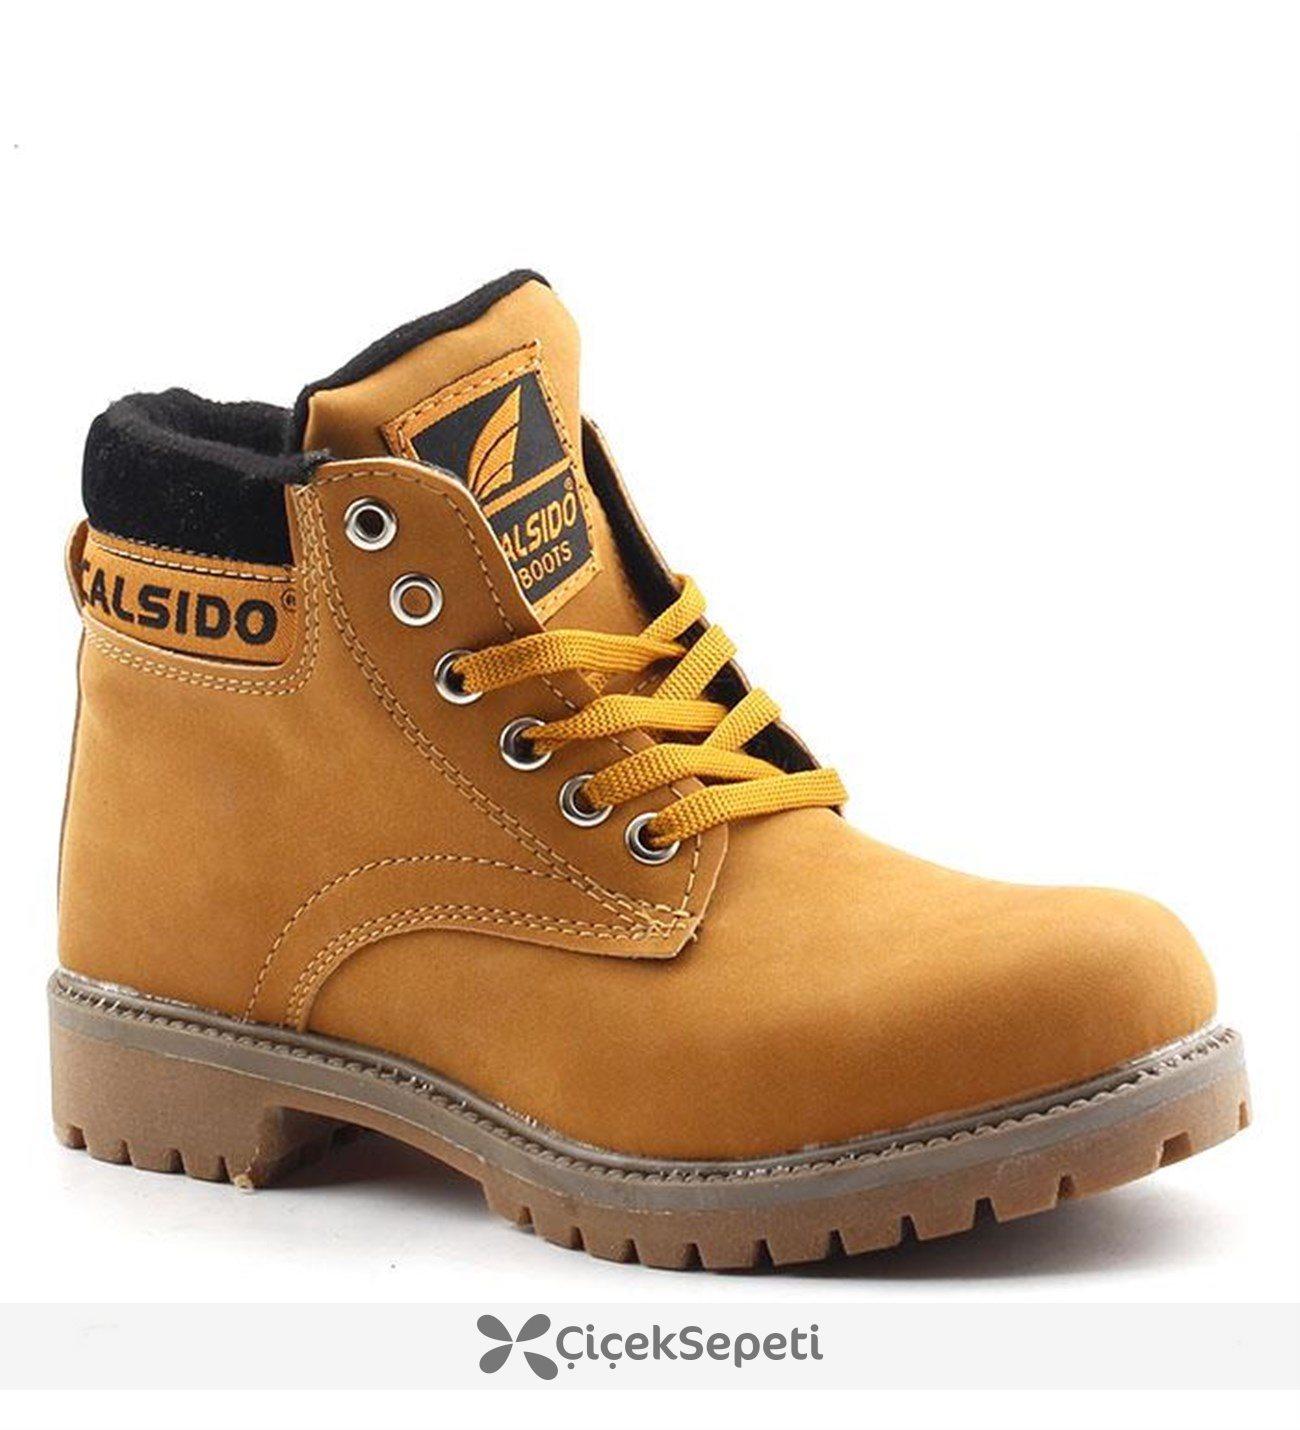 Calsido Camel Erkek Çocuk Bot Ayakkabı